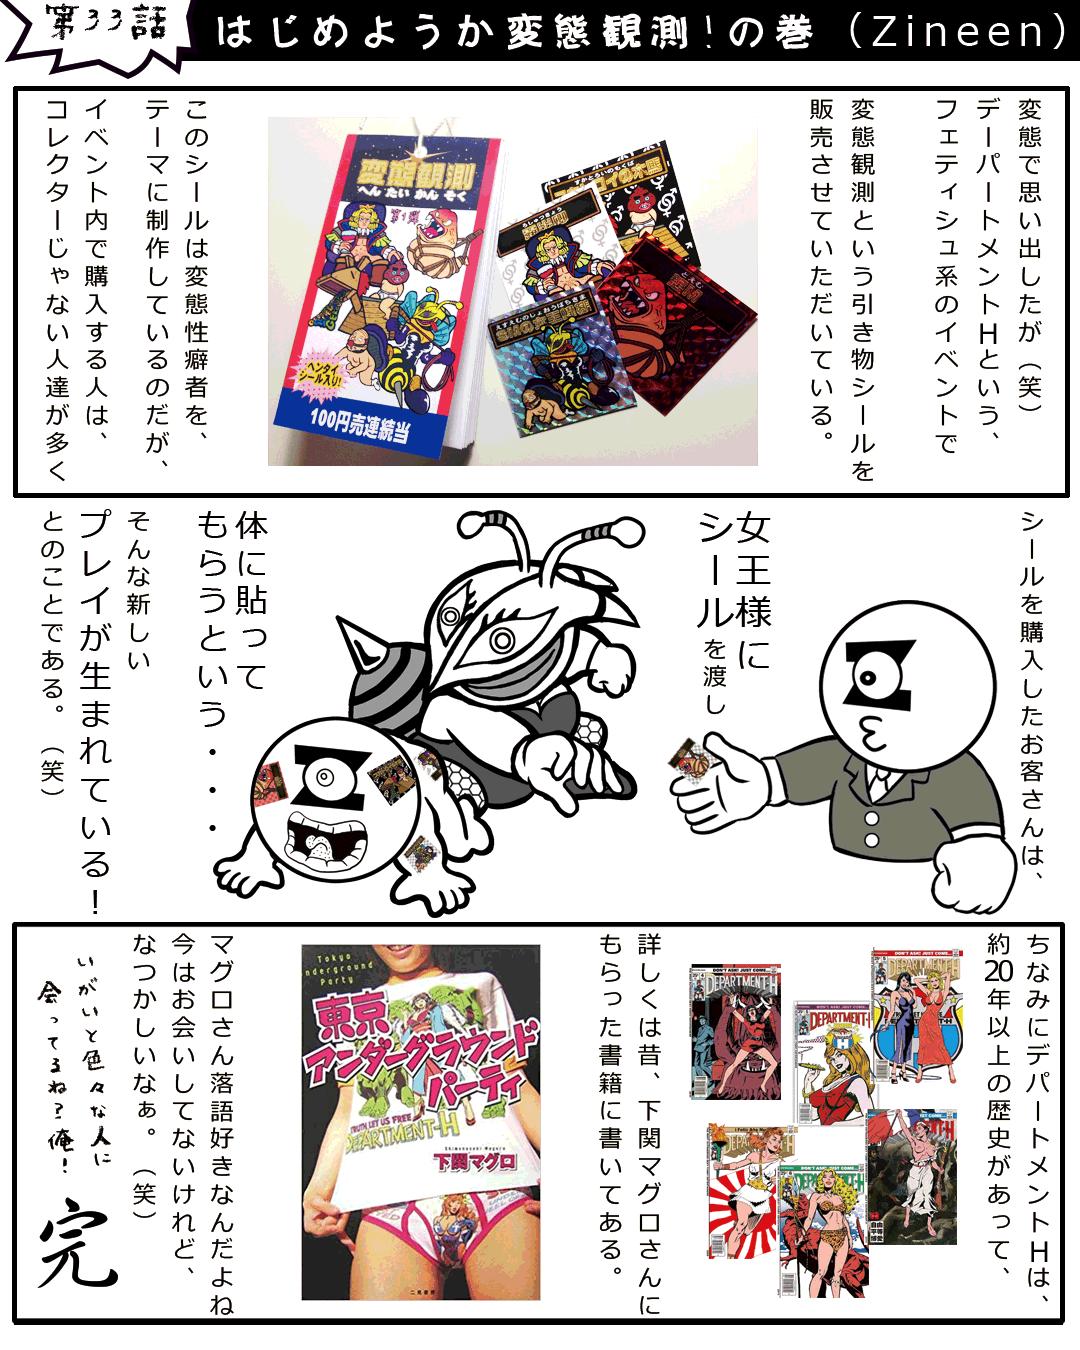 漫画 コラムエッセイ ジニーン